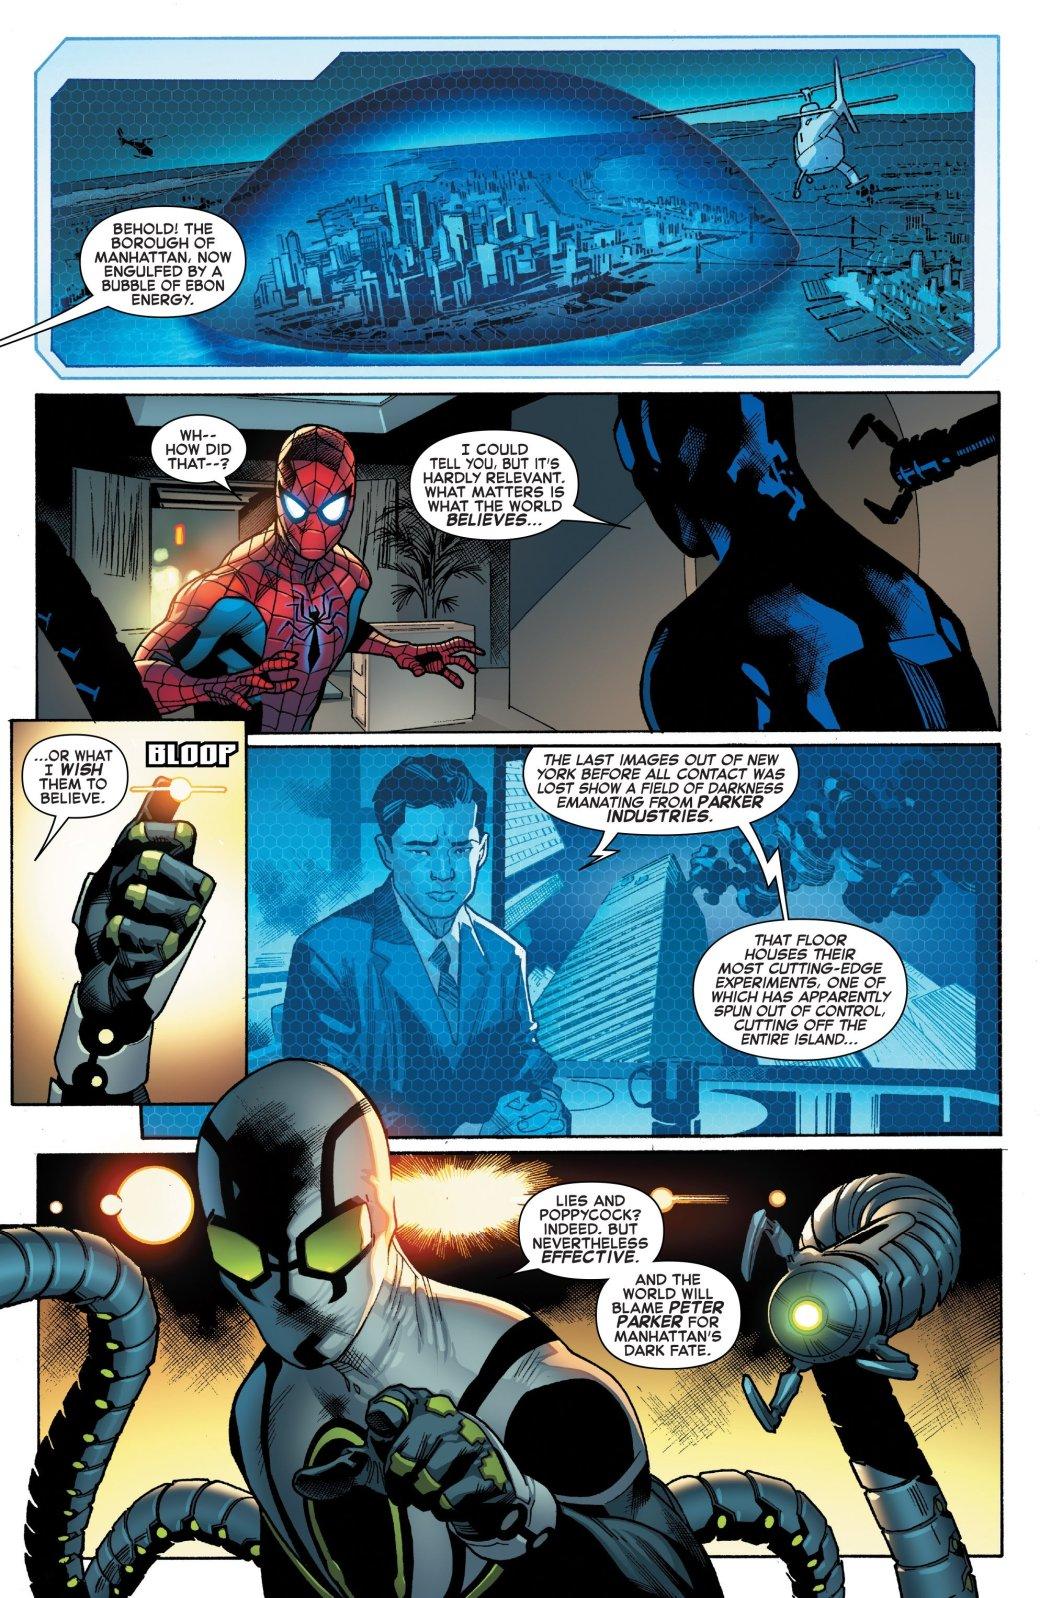 Secret Empire: Гидра обвинила Питера Паркера вкатастрофе вНью-Йорке